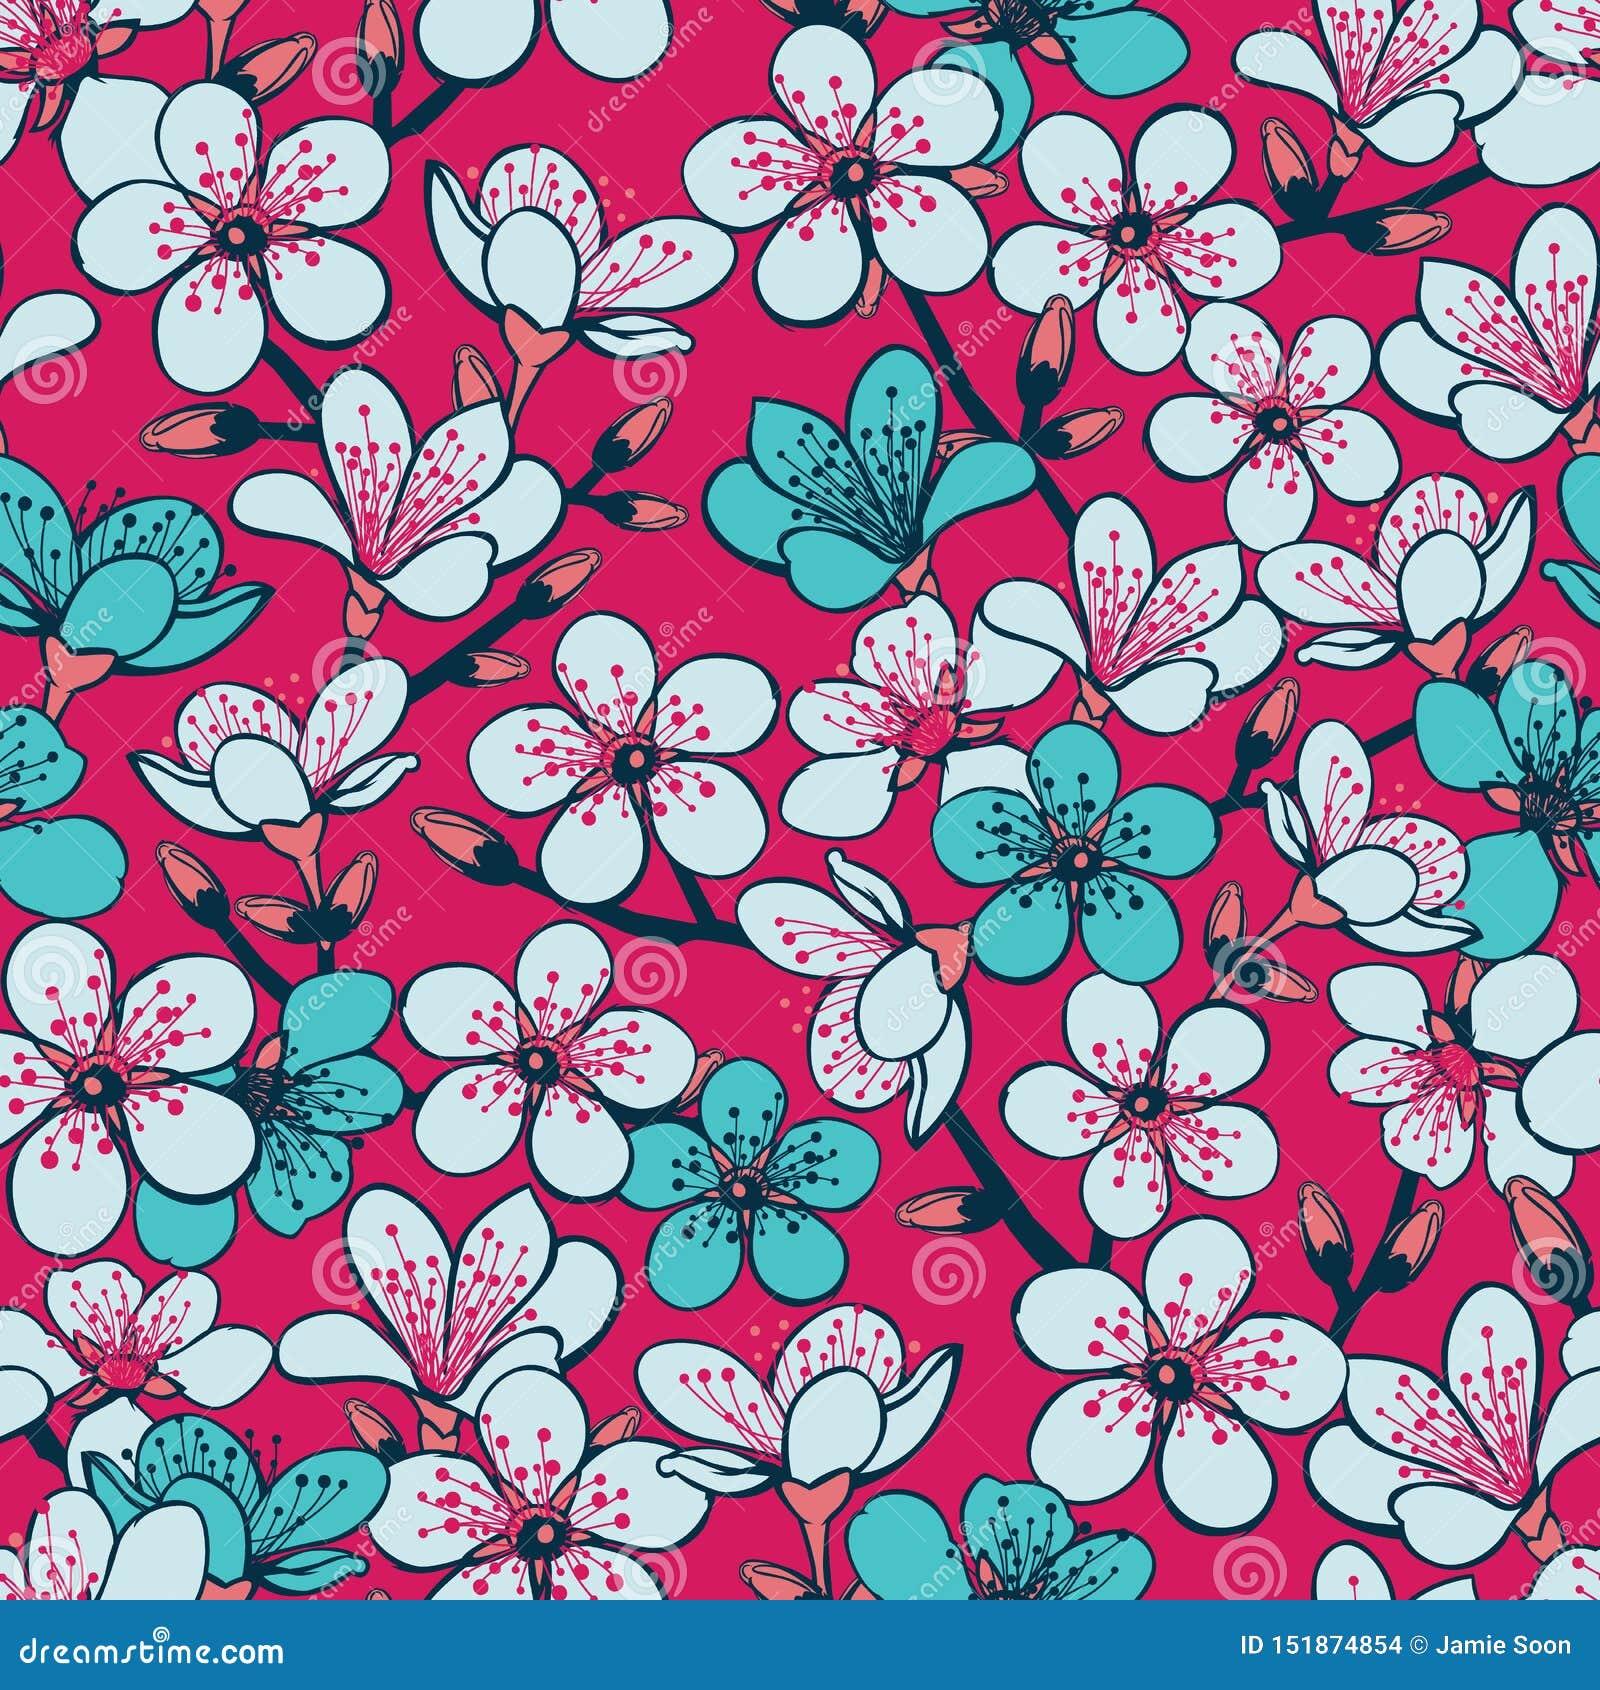 Fondo rojo del vector con las flores grises claras y ciánicas de Sakura de la flor de cerezo y el fondo inconsútil del modelo de